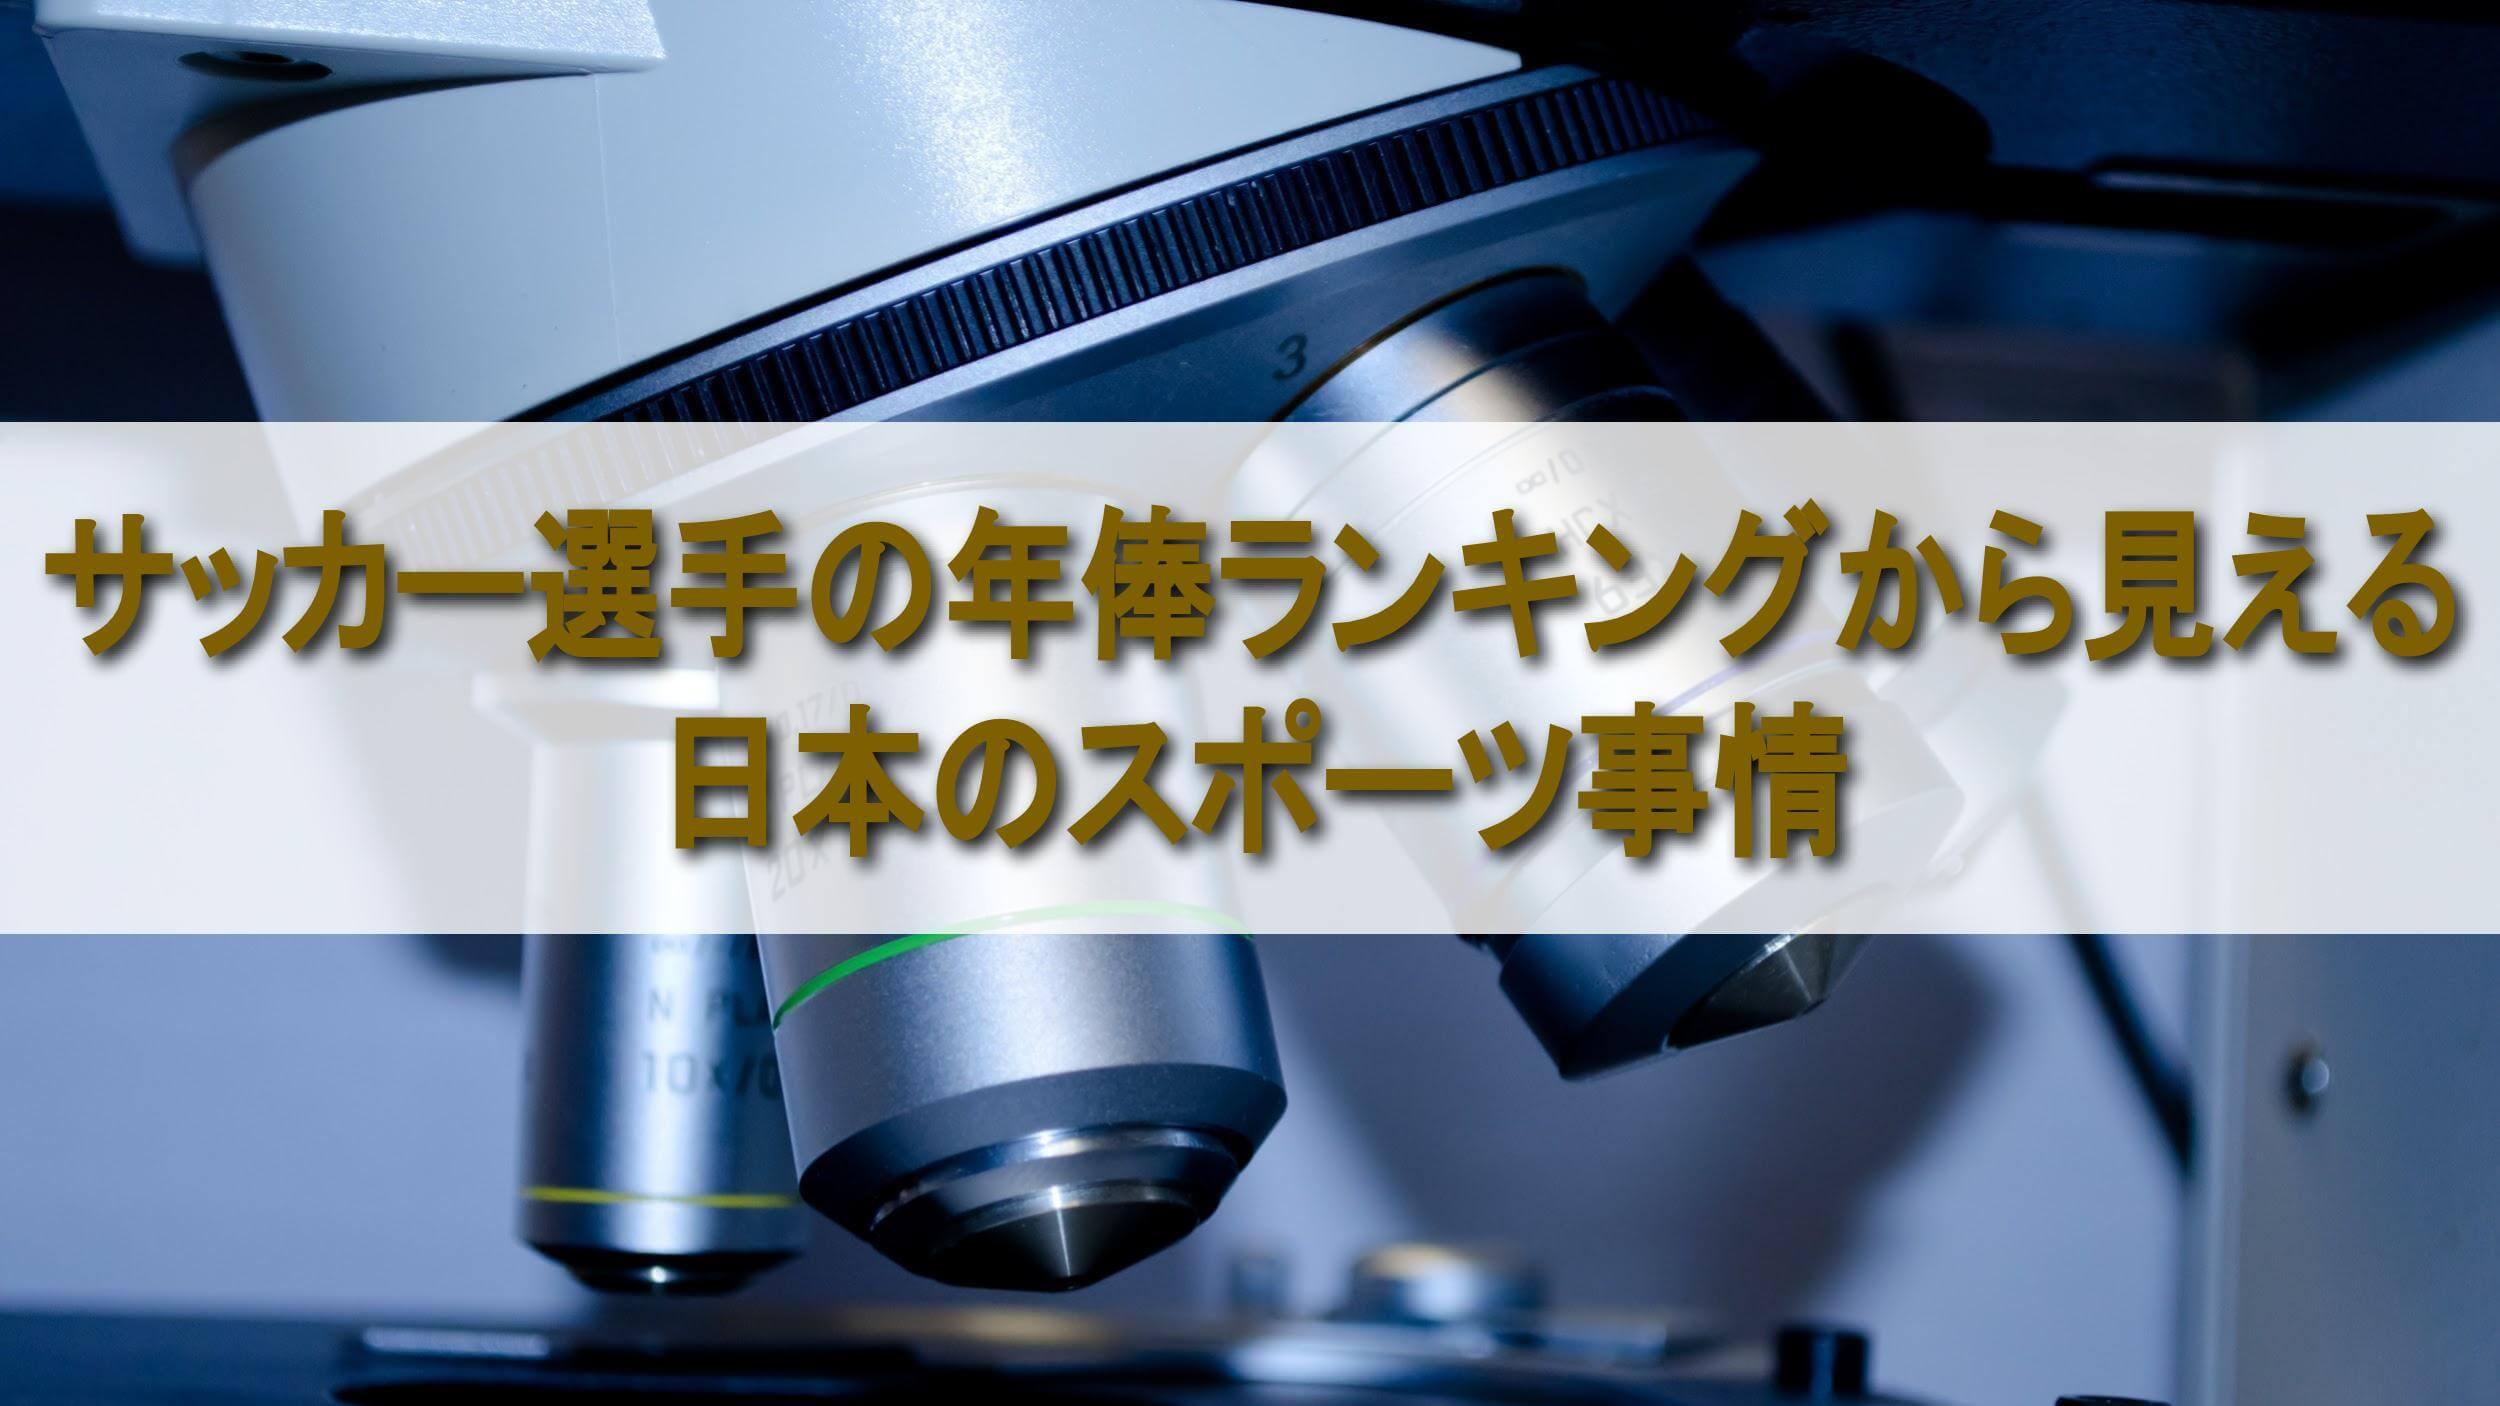 顕微鏡・テキスト「サッカー選手の年俸ランキングから見える 日本のスポーツ事情」